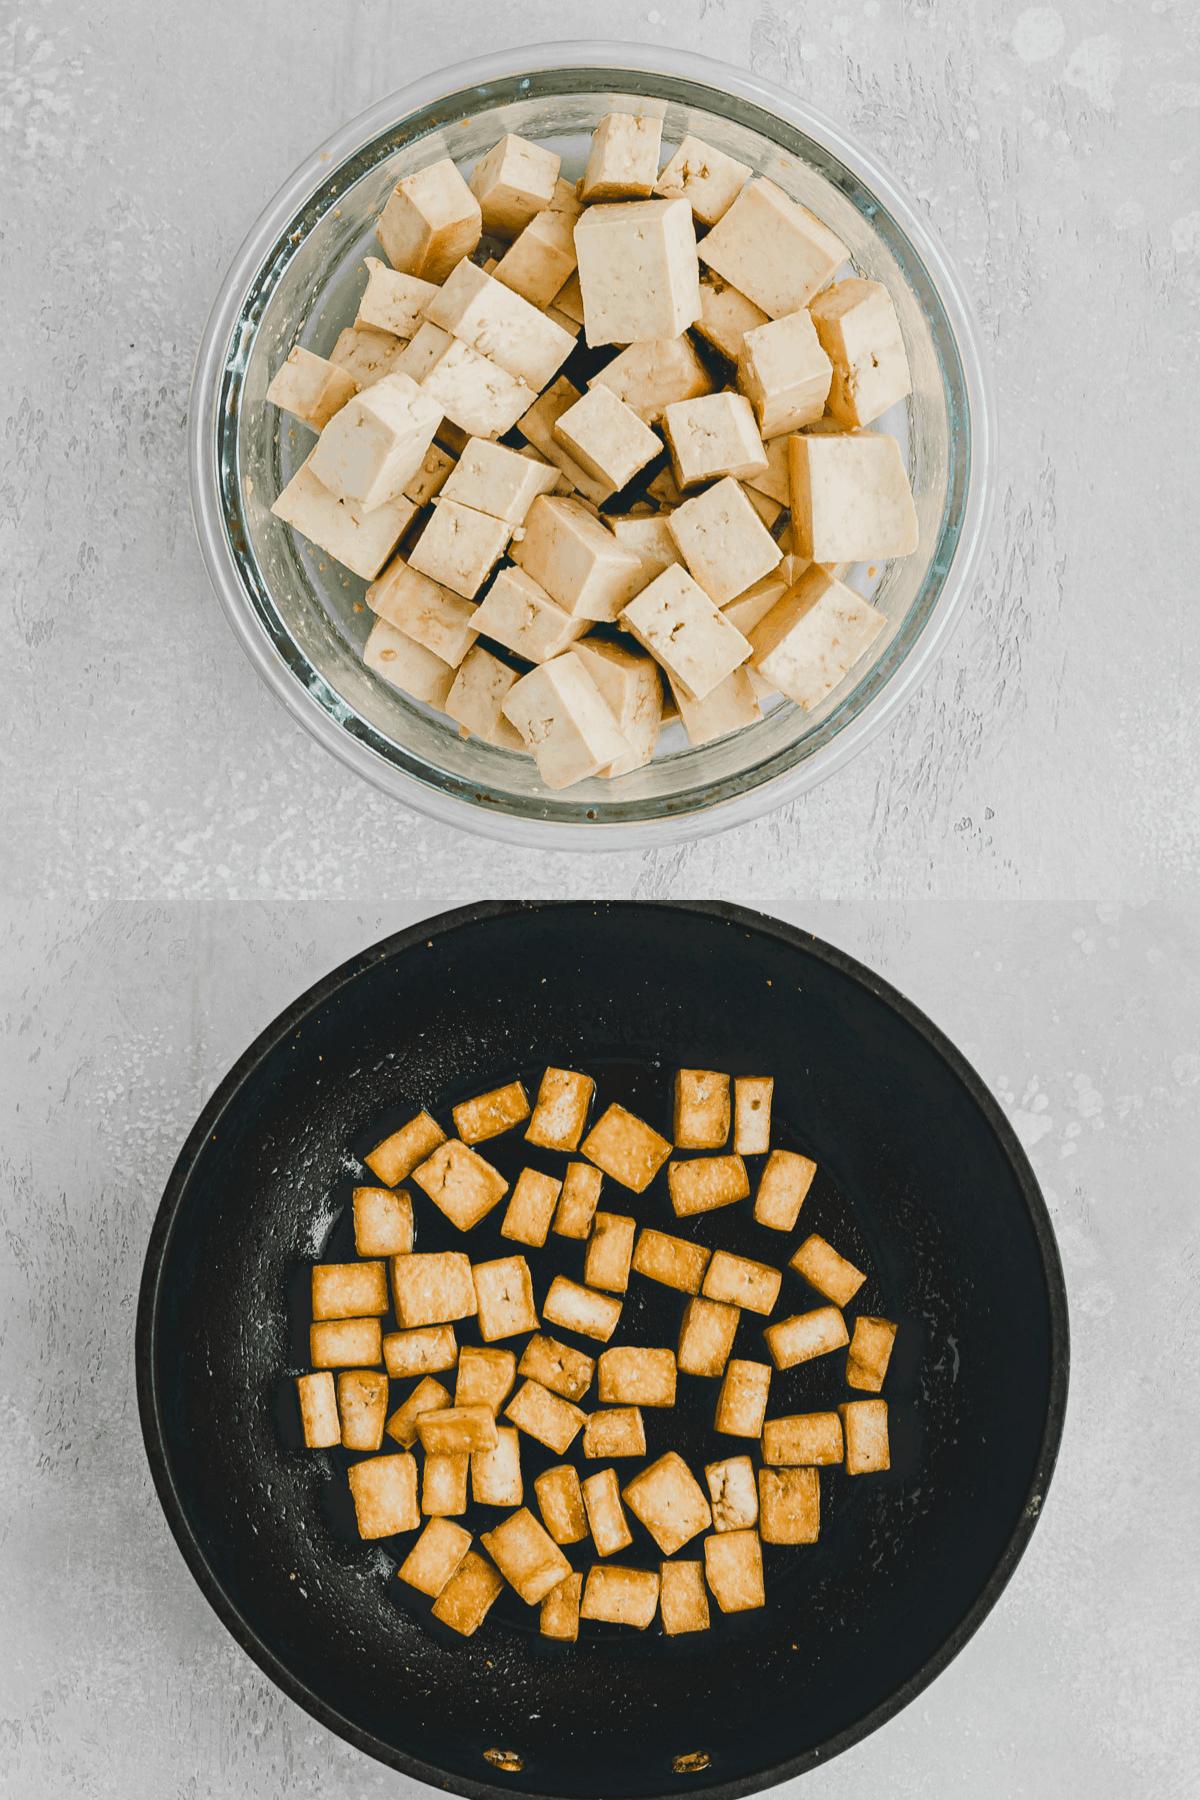 Tofu Stir Fry Recipe Step 1-2